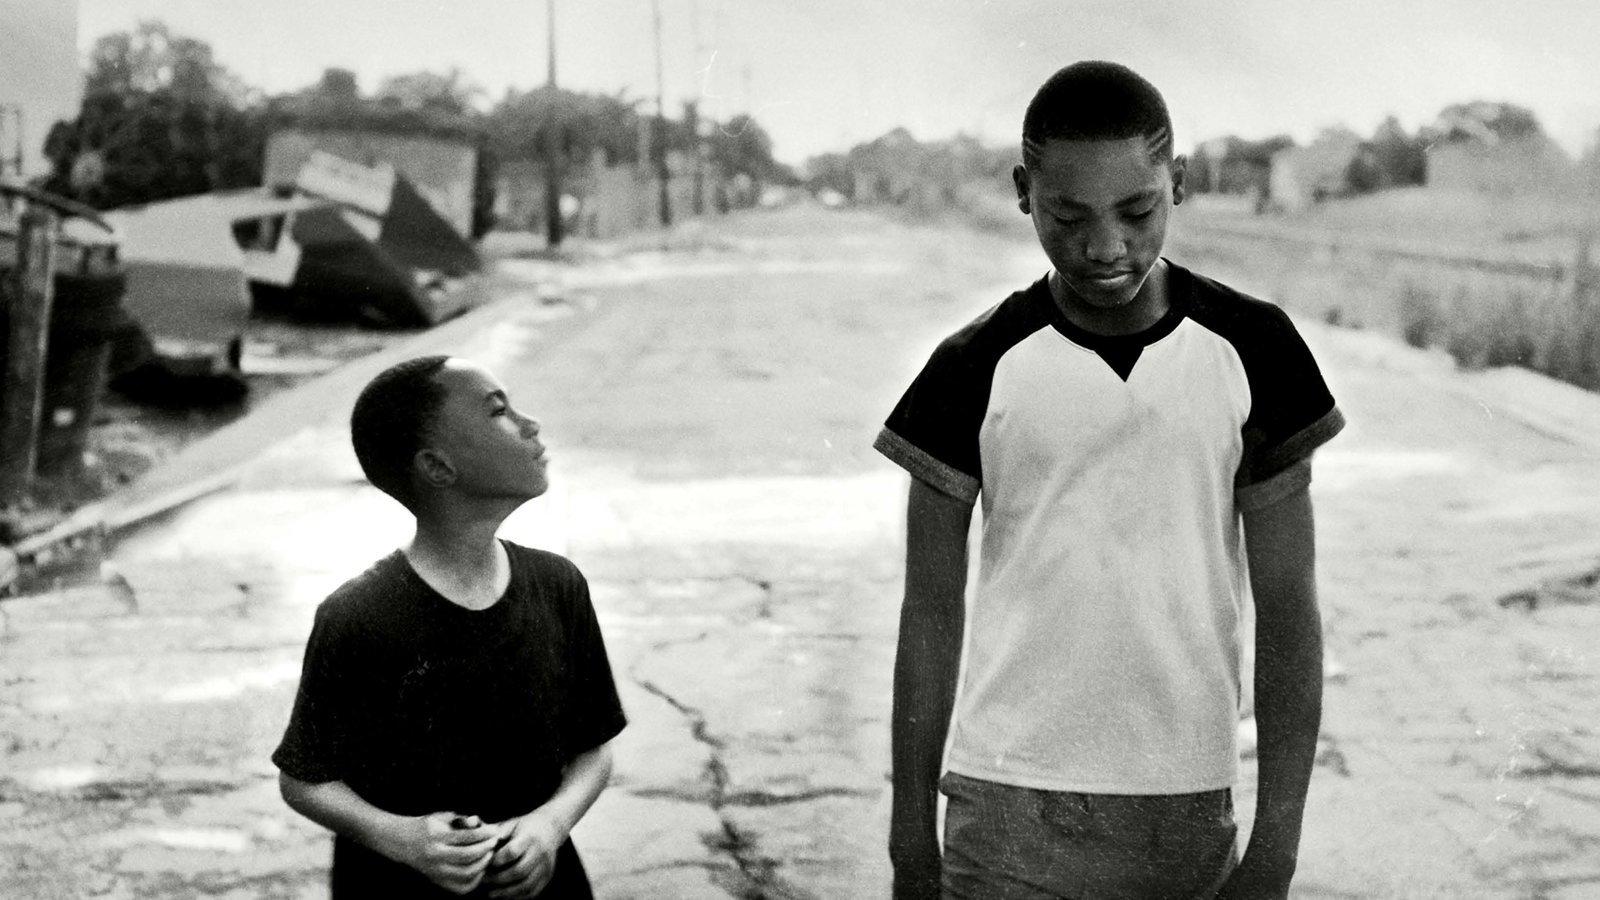 Mostra Internacional de Cinema Anti-Racista regressa para desconstruir o racismo sistémico dos nossos dias